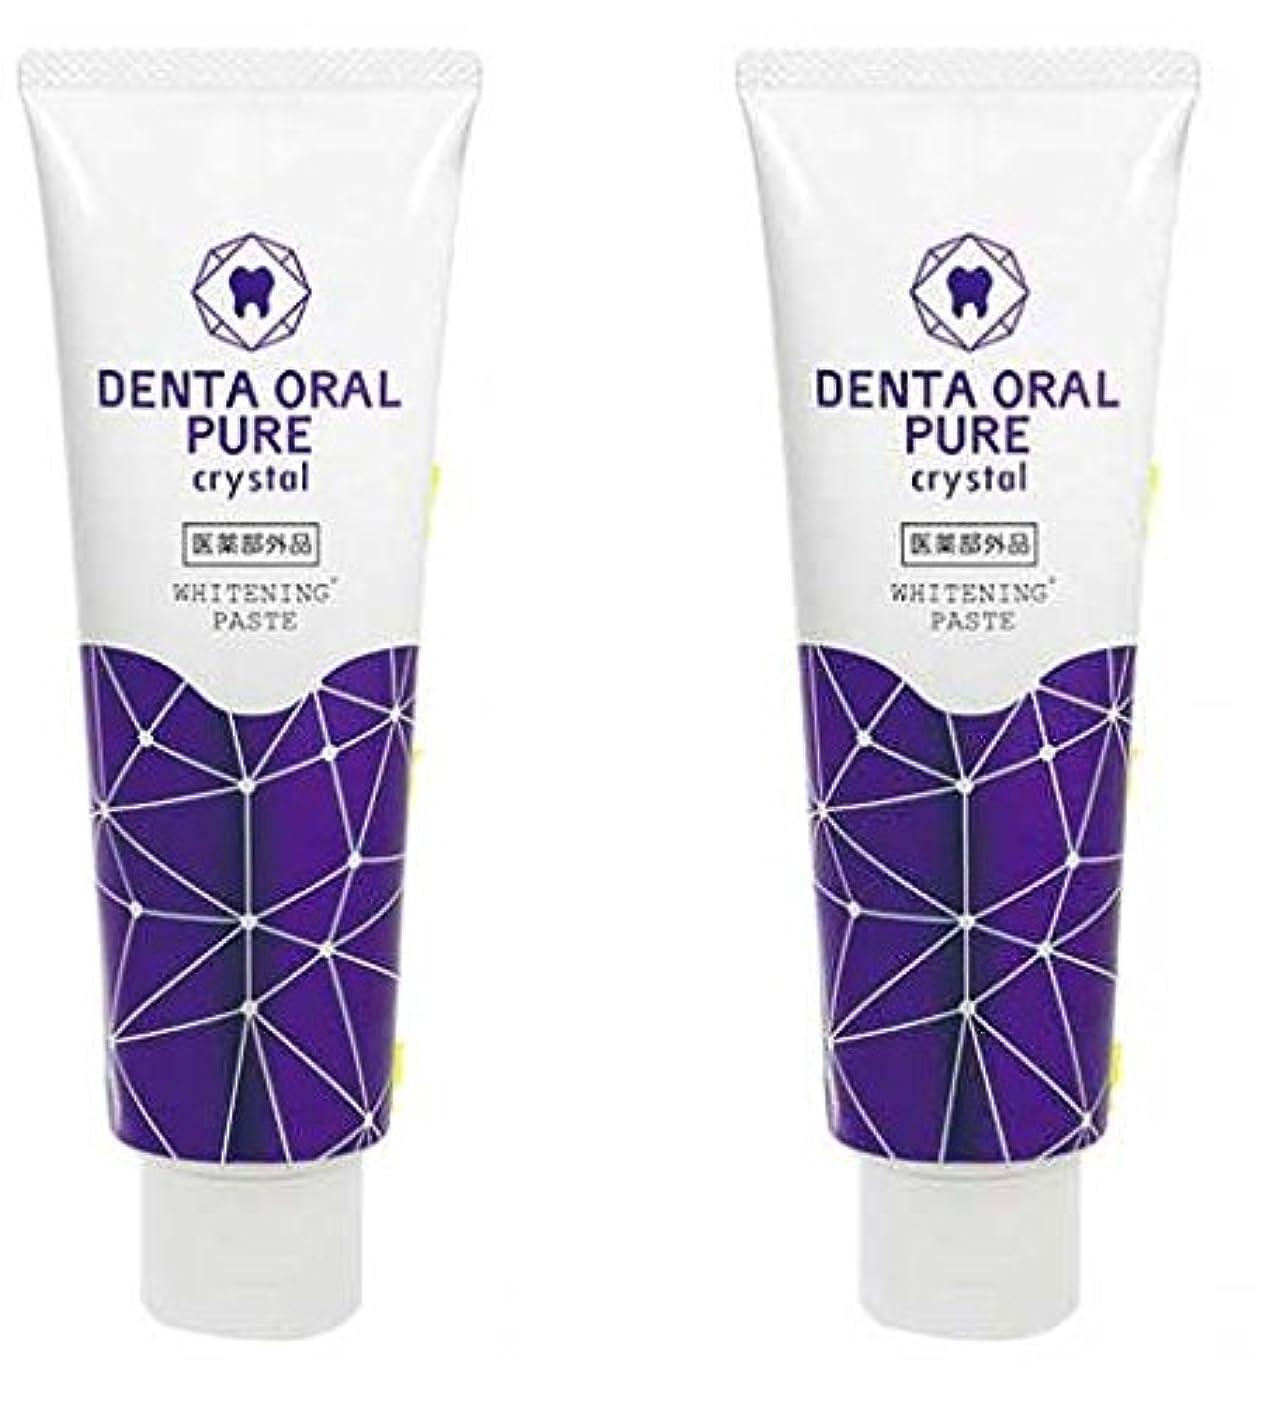 スラムすき座標ホワイトニング歯磨き粉 デンタオーラルピュア クリスタル 2個セット 医薬部外品